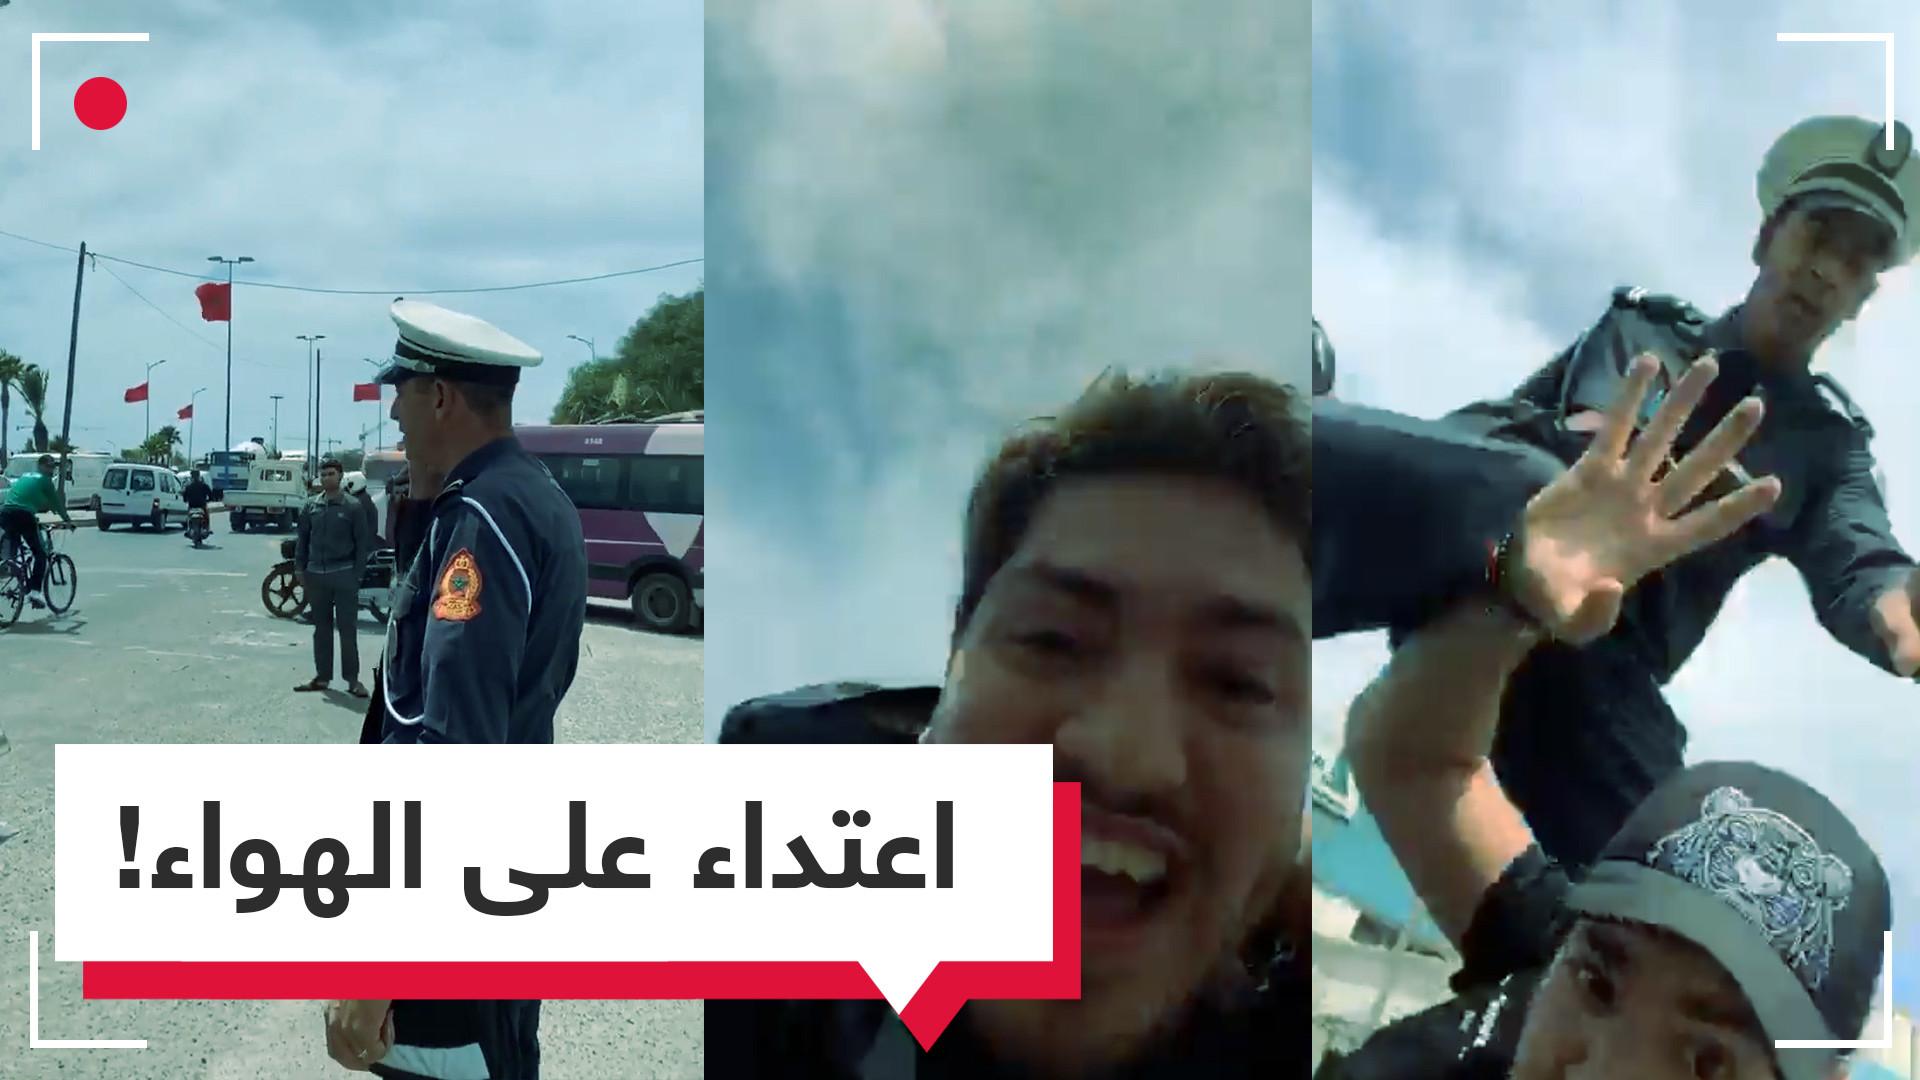 شرطي مغربي  يضرب فنانا على الهواء مباشر!